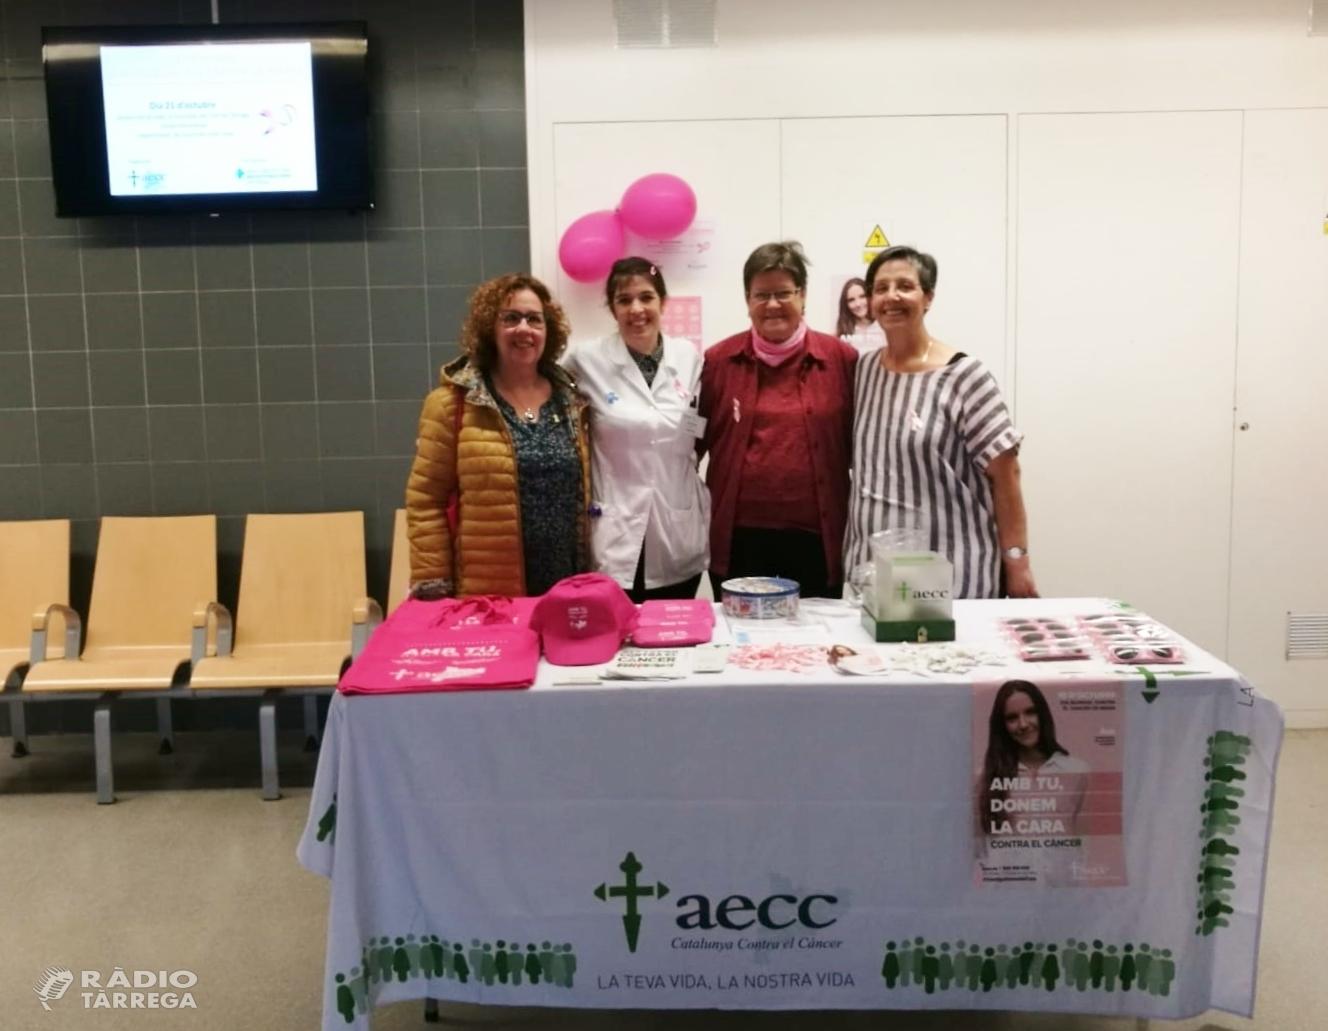 Activitats relacionades amb el Dia Mundial del Càncer de Mama a Tàrrega